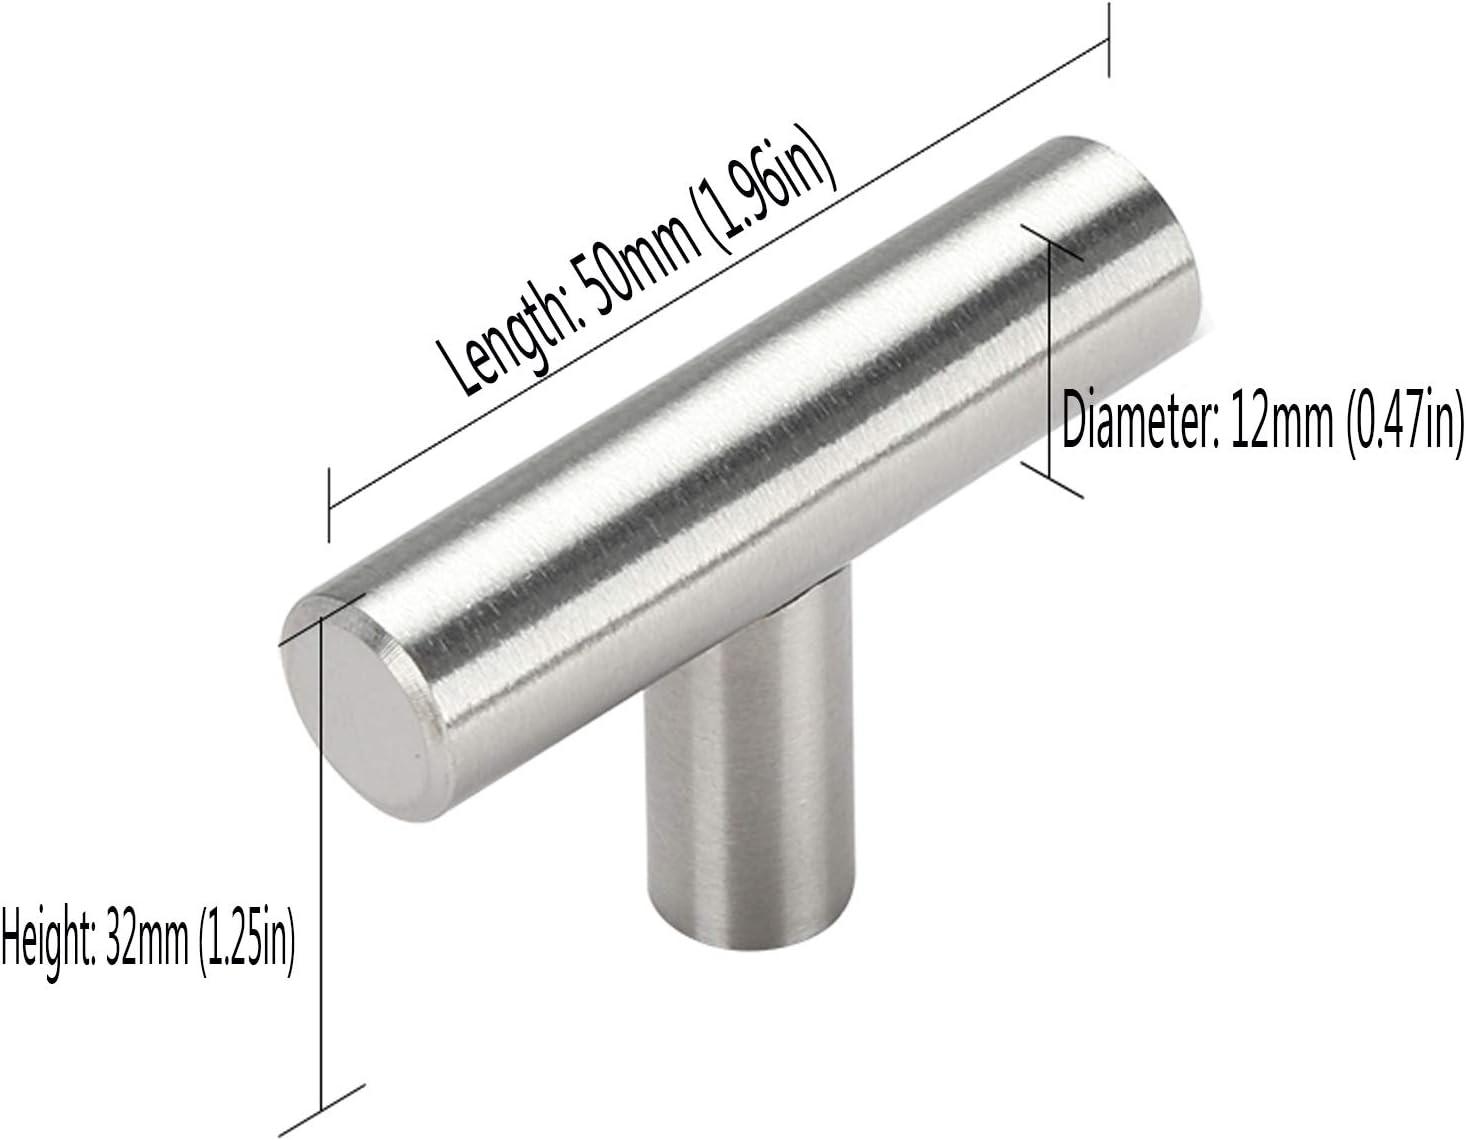 Maniglie per armadietti da cucina maniglie per cassetti maniglie per porte per armadi maniglie a T maniglie da cucina per cassetti da cucina distanza di corso: 64 mm in acciaio inox